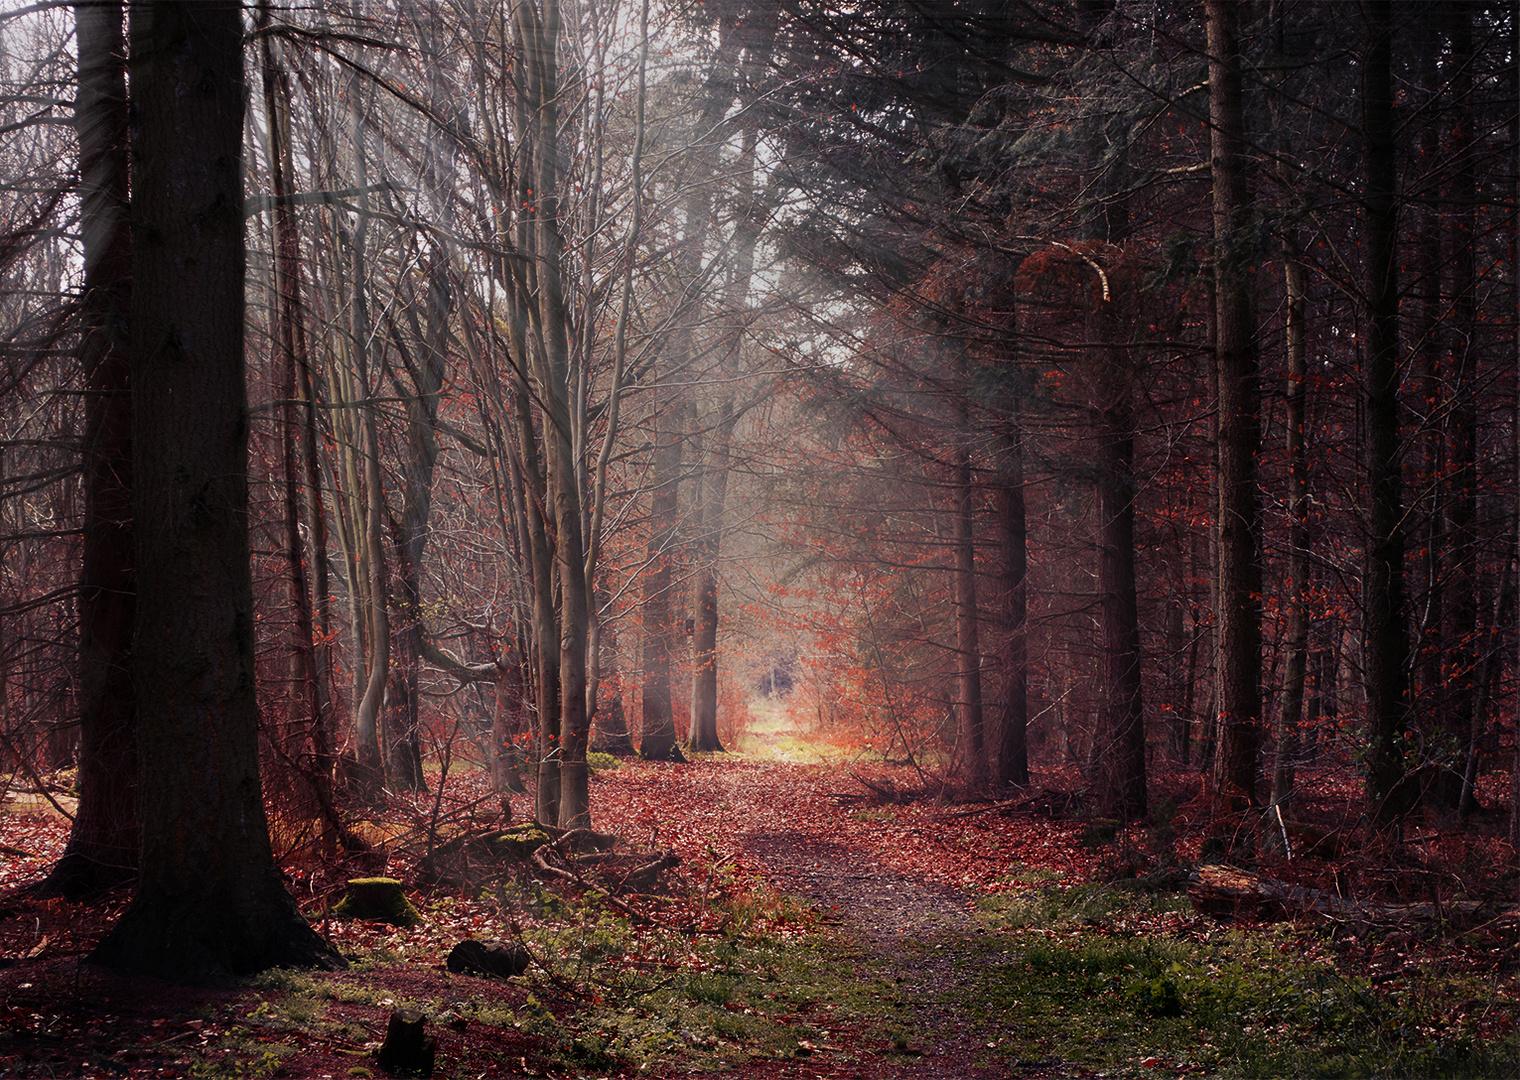 Der Blick in den Wald